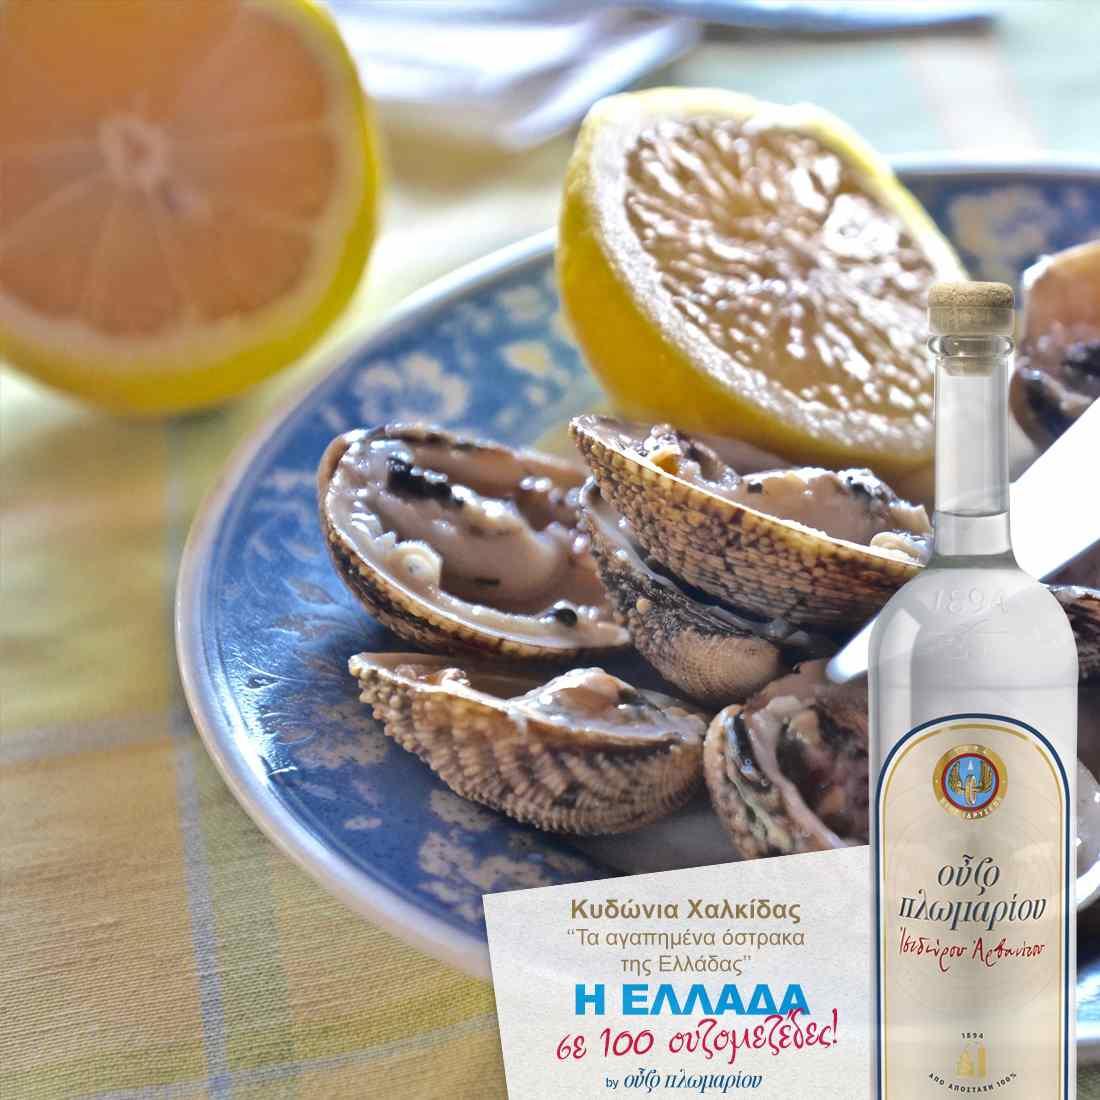 Κυδώνια Χαλκίδας - Ουζομεζέδες - Greek Gastronomy Guide